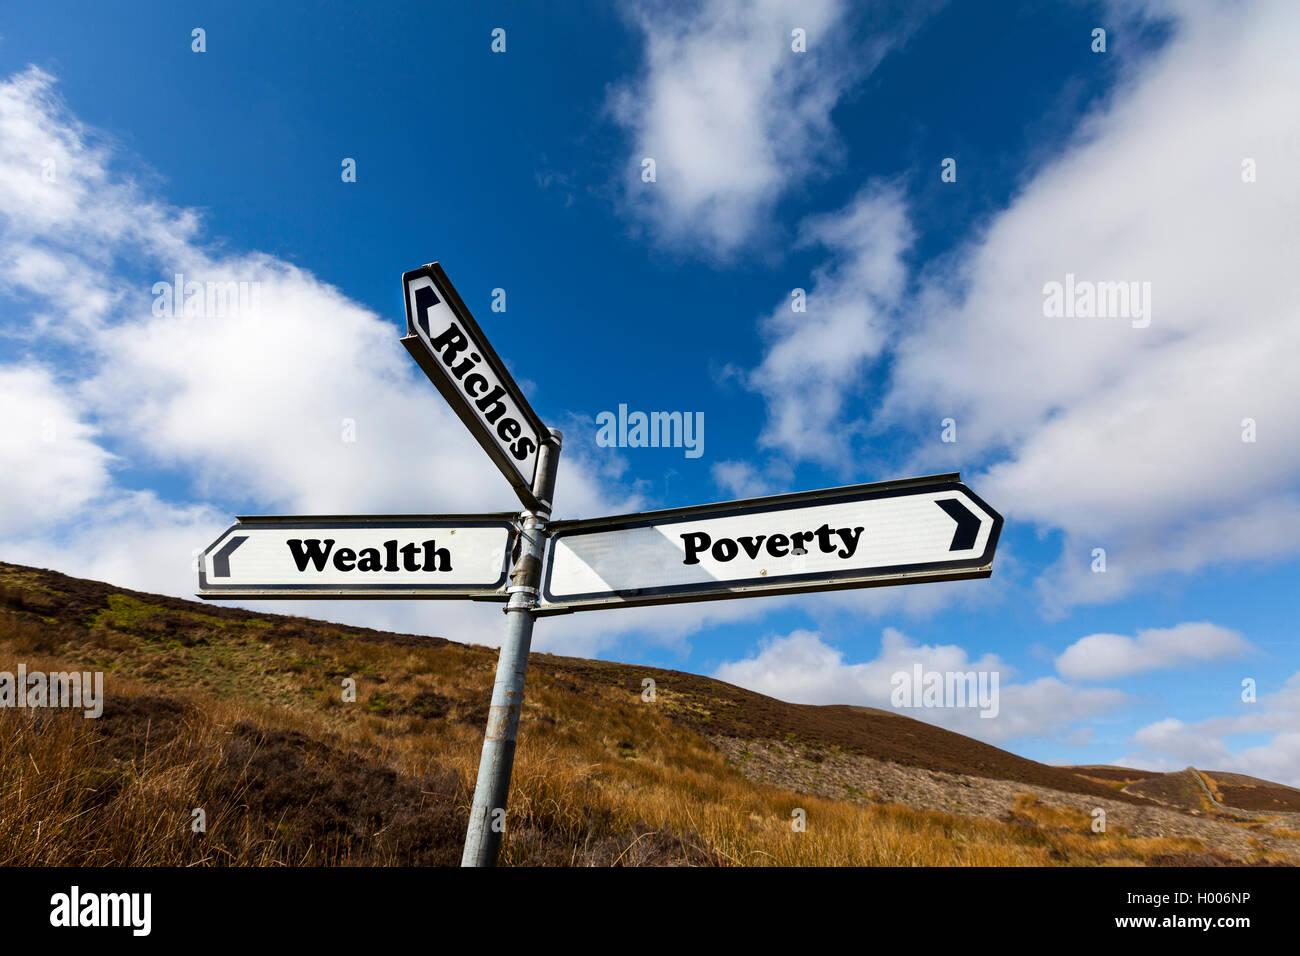 La richesse de la pauvreté richesse argent concept style panneau routier choix Choisir la vie future direction Photo Stock